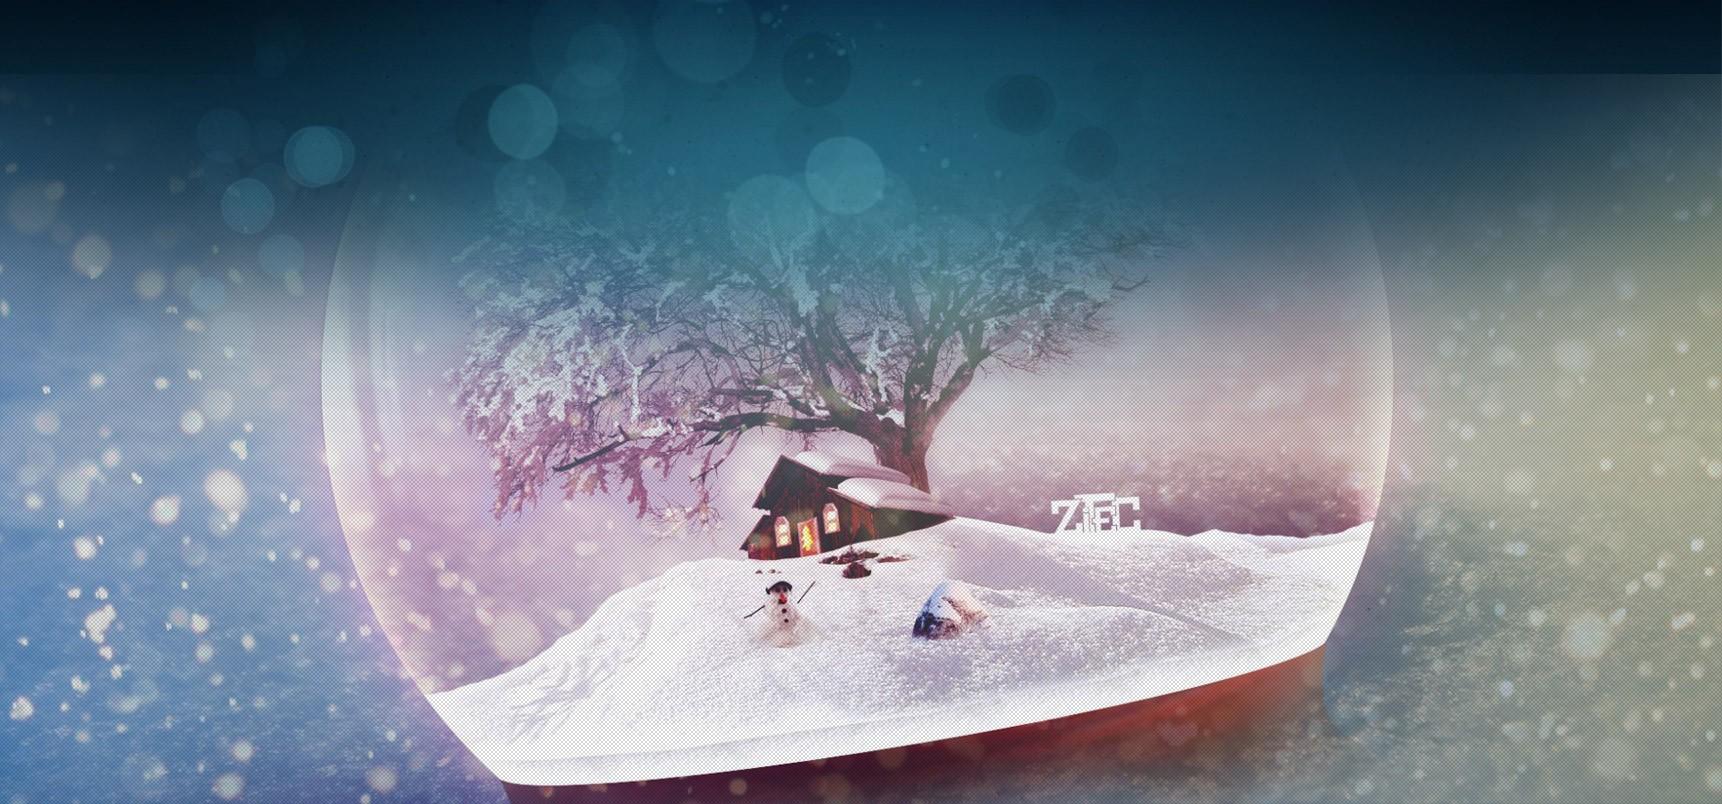 Vente de décorations de Noël toute l'année, boites à musique, rennes, bonhommes de neige, pères Noël...